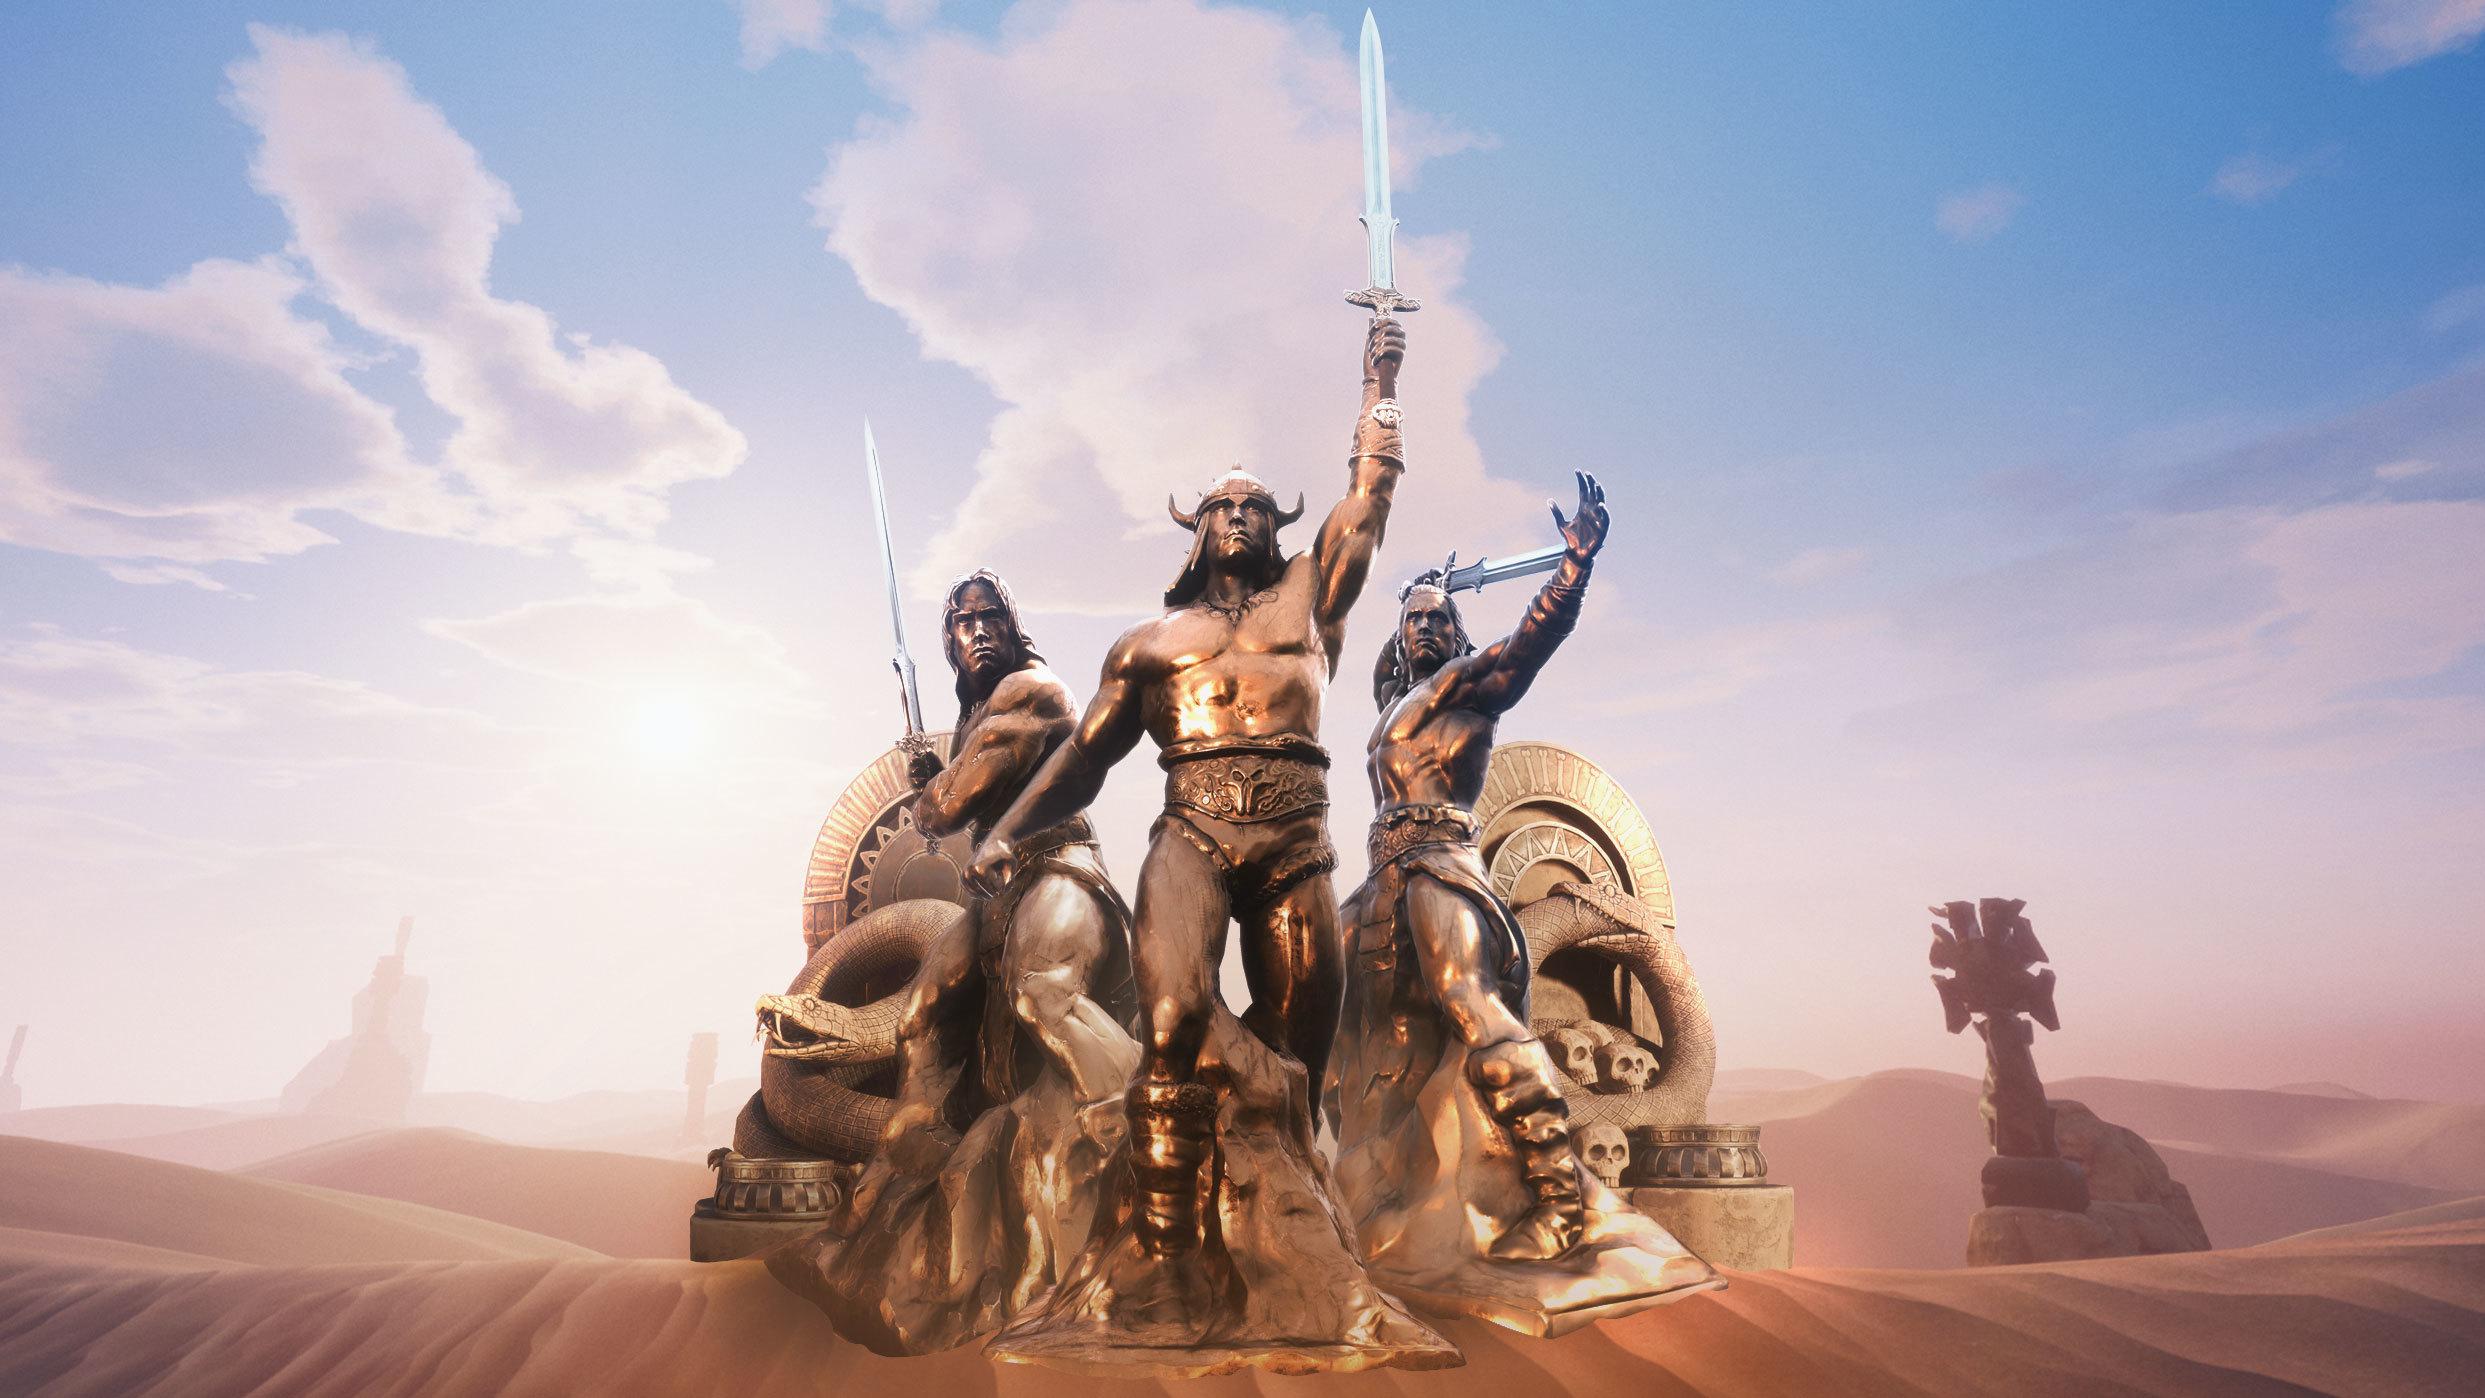 Conan Exiles celebra il film Conan il Barbaro con il nuovo DLC Riddle of Steel